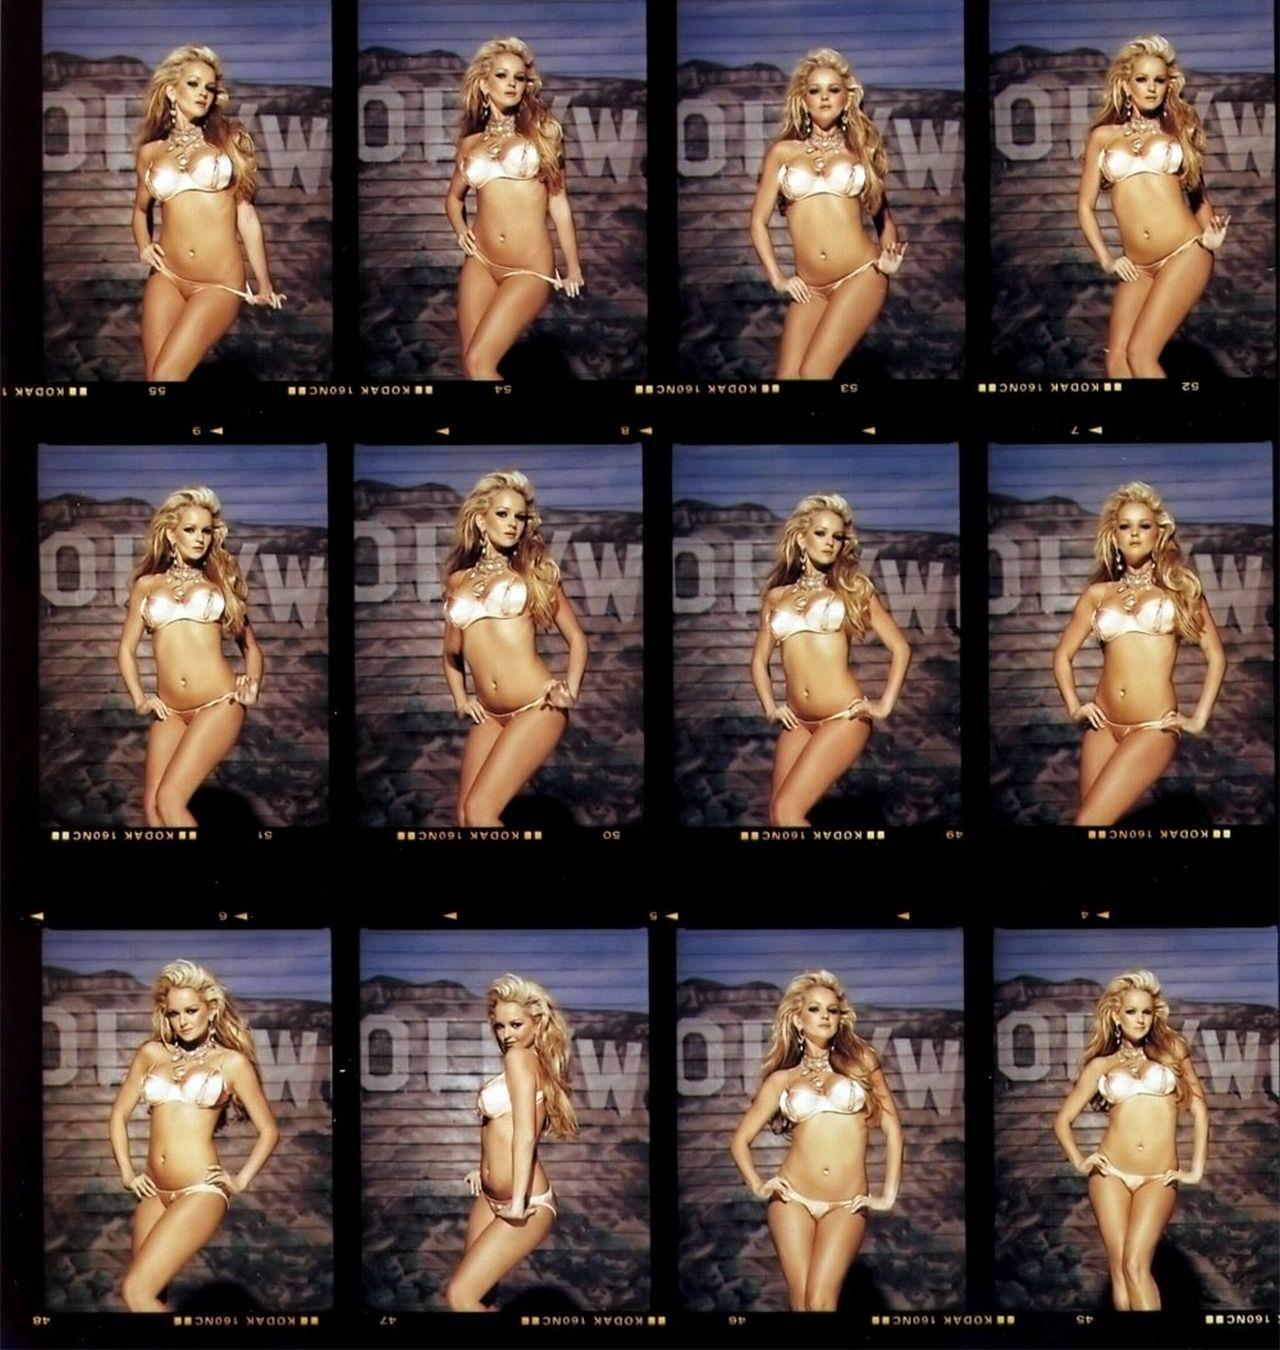 latina tranny nude photo gallery